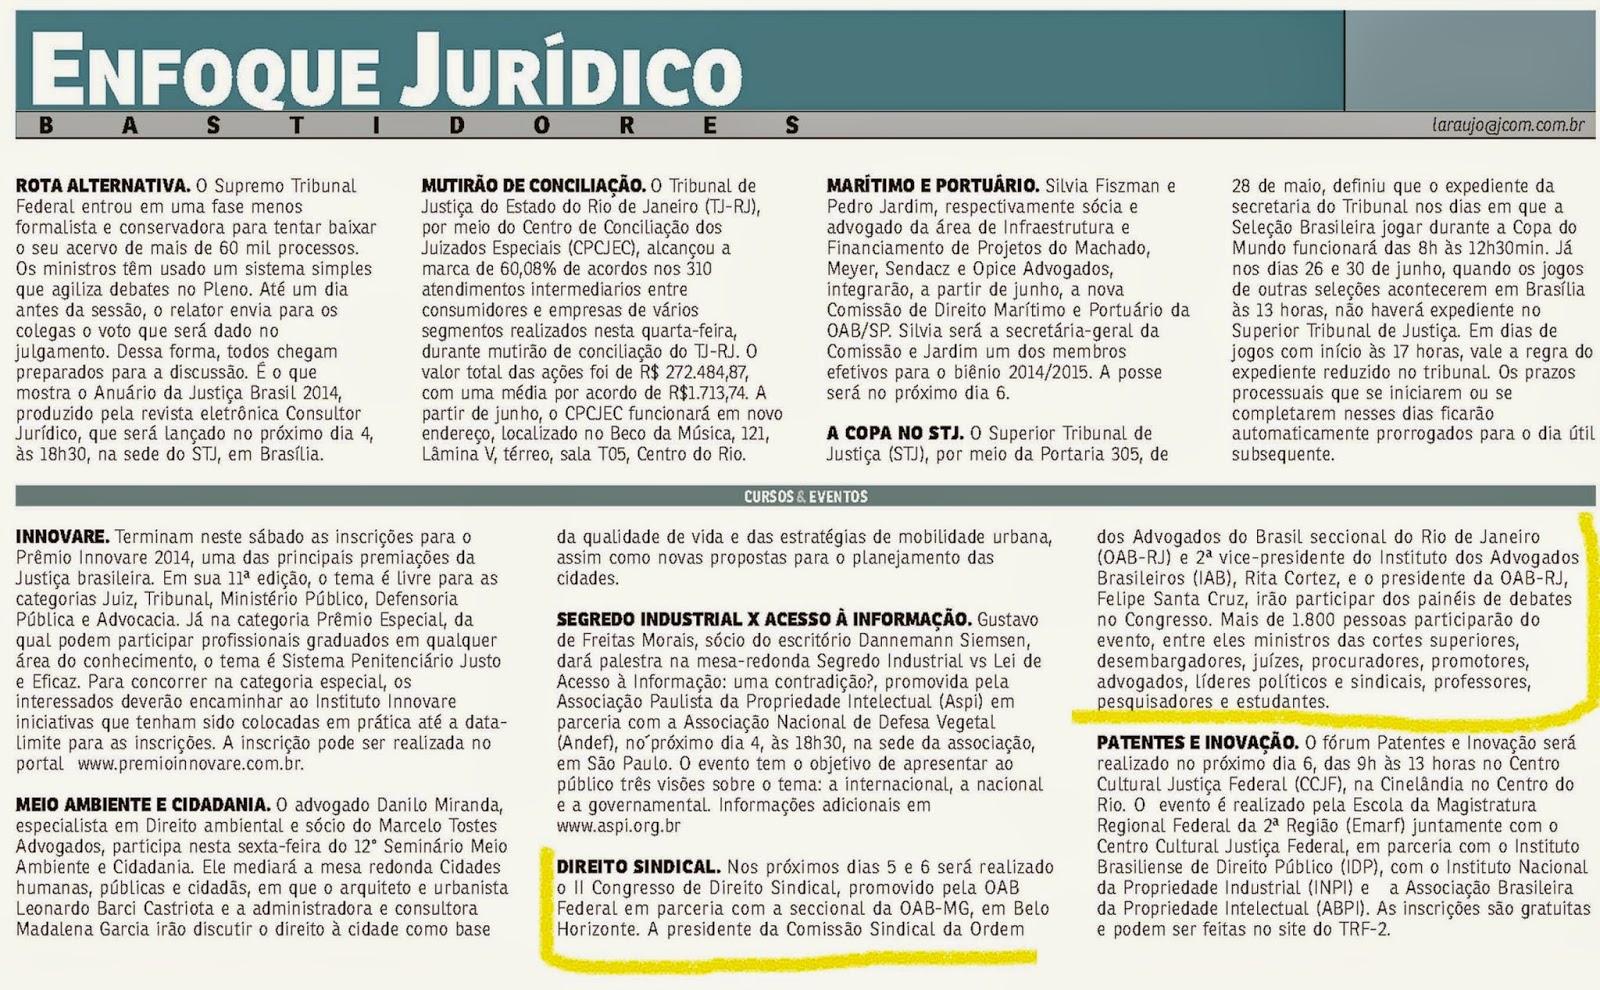 """O Jornal do Commércio noticiou a participação de Rita Cortez no """"2º Congresso Nacional de Direito Sindical"""". Veja!"""